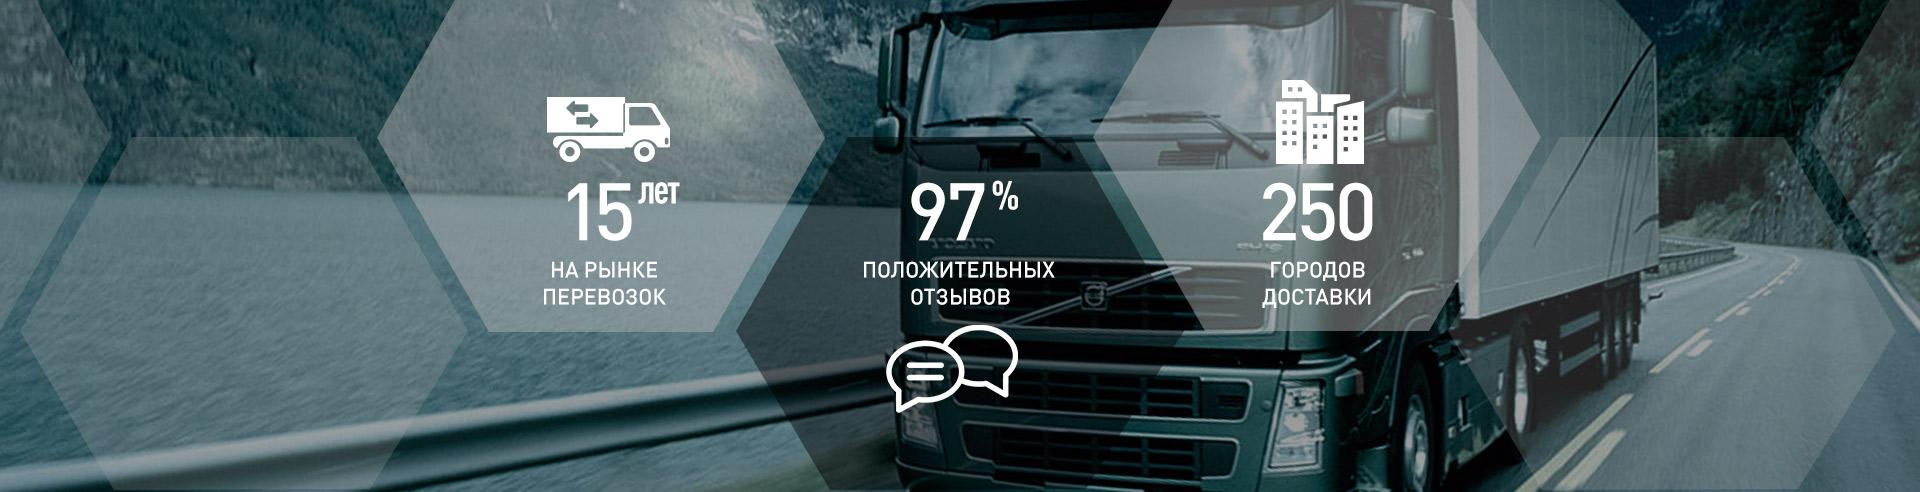 Транспортная компания транс альянс логистик